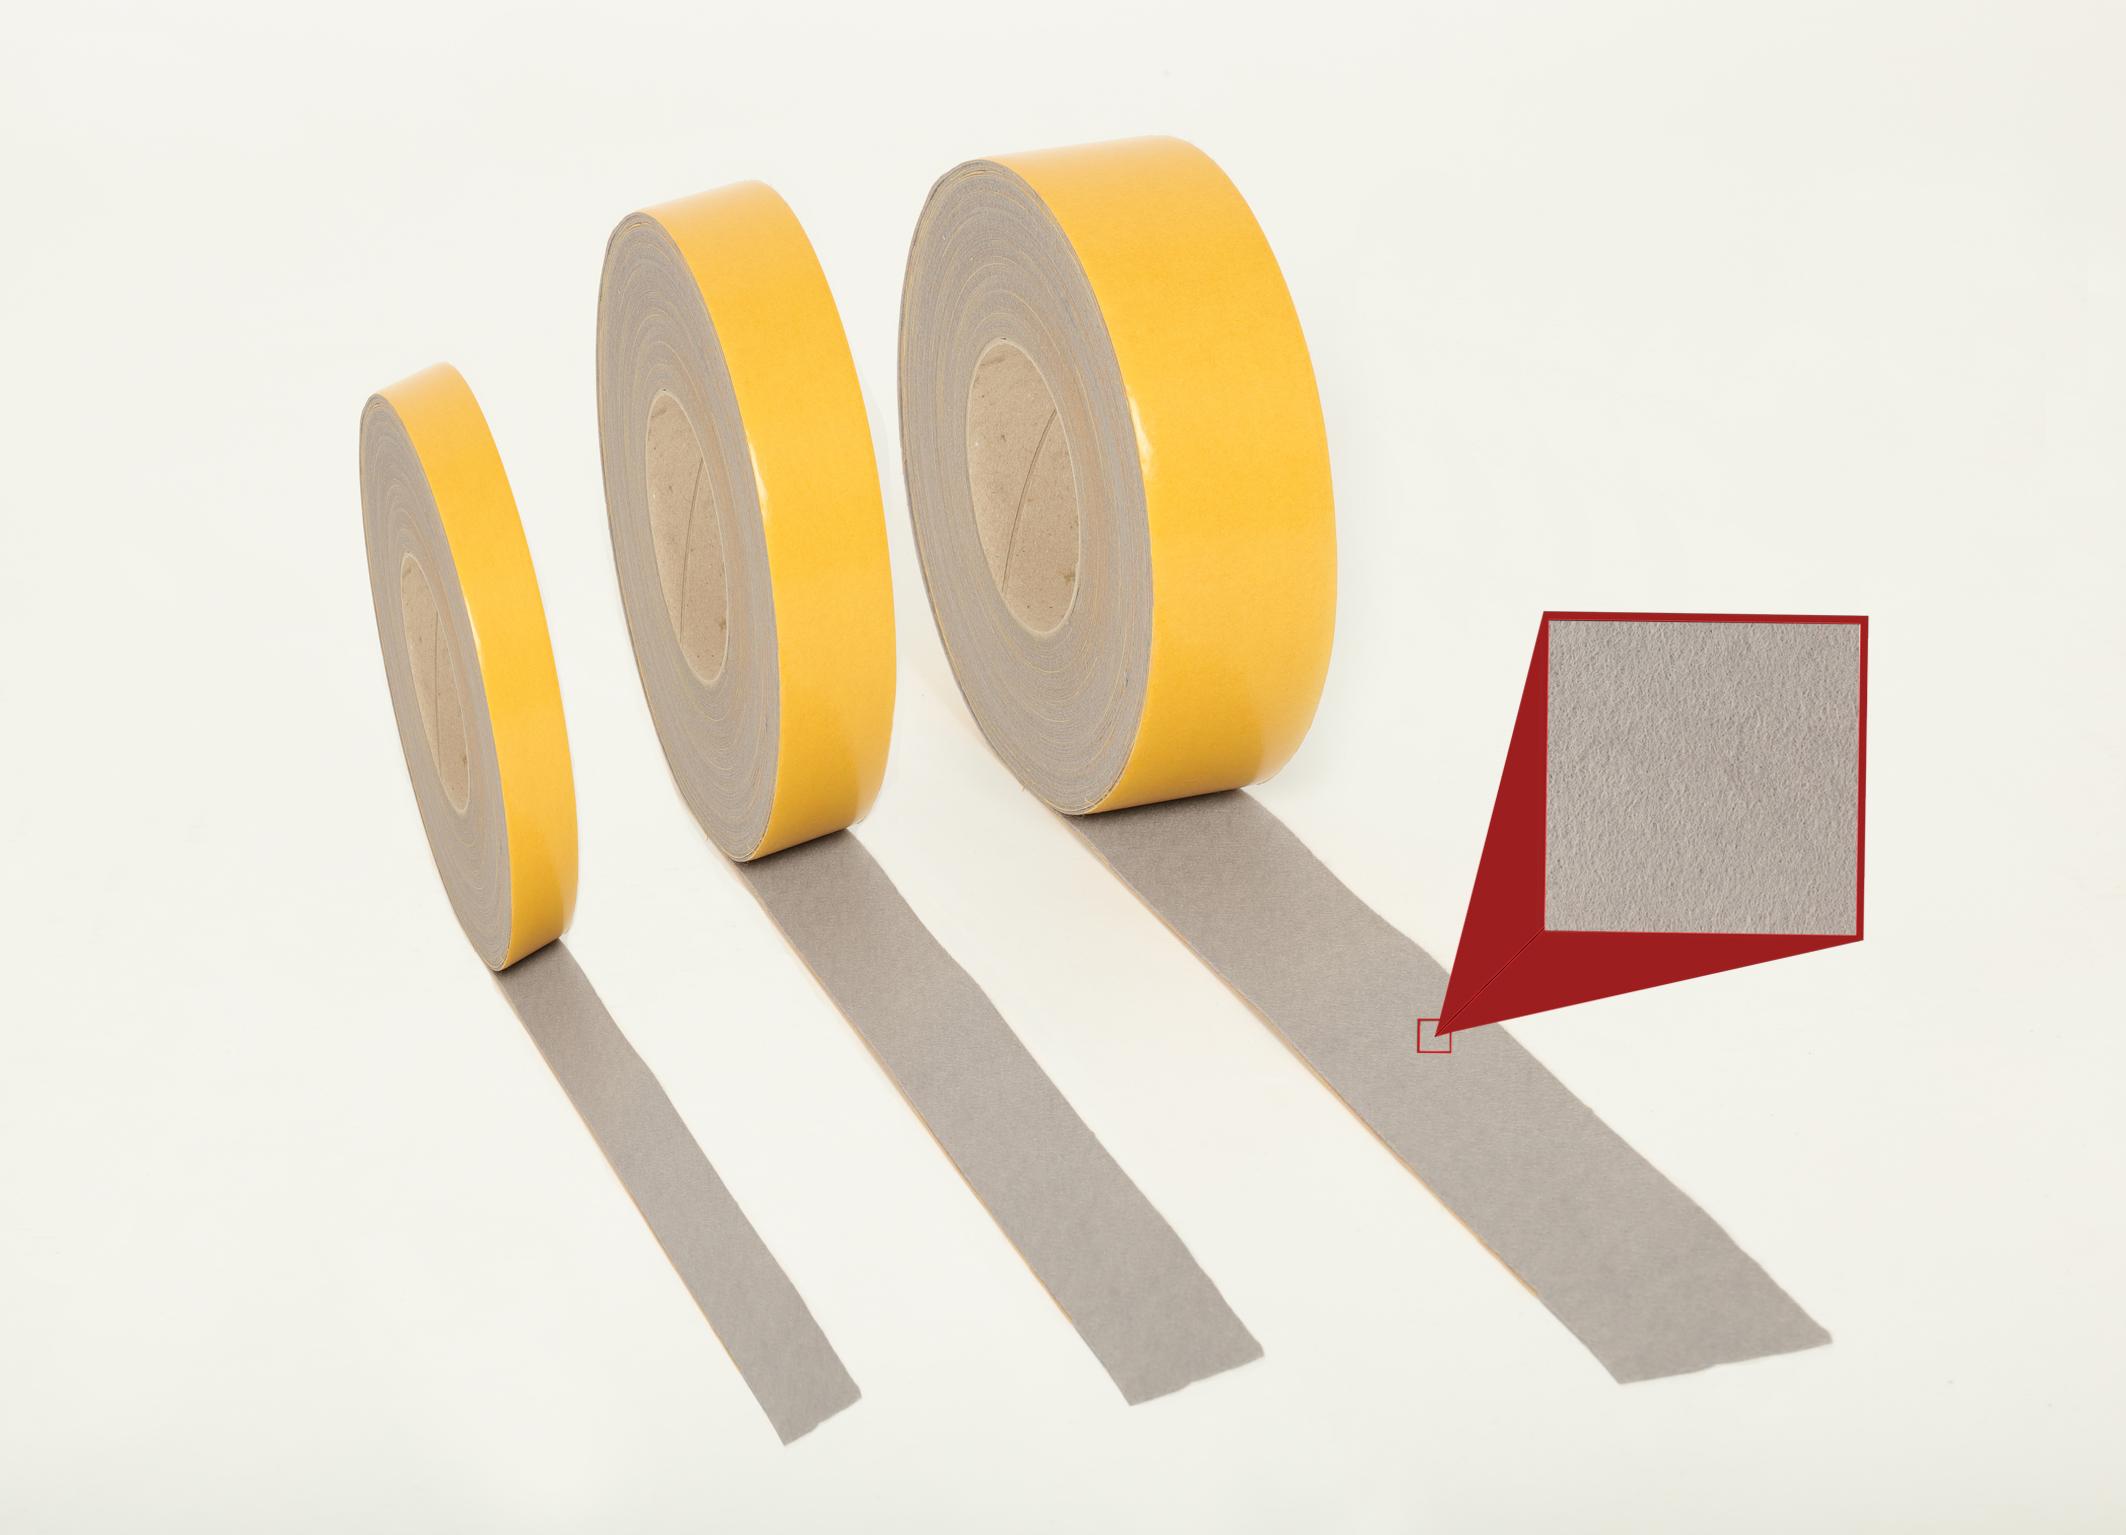 Filzstreifen schwarz Breite 30 mm Filzband selbstklebend 1 m Filzstreifen